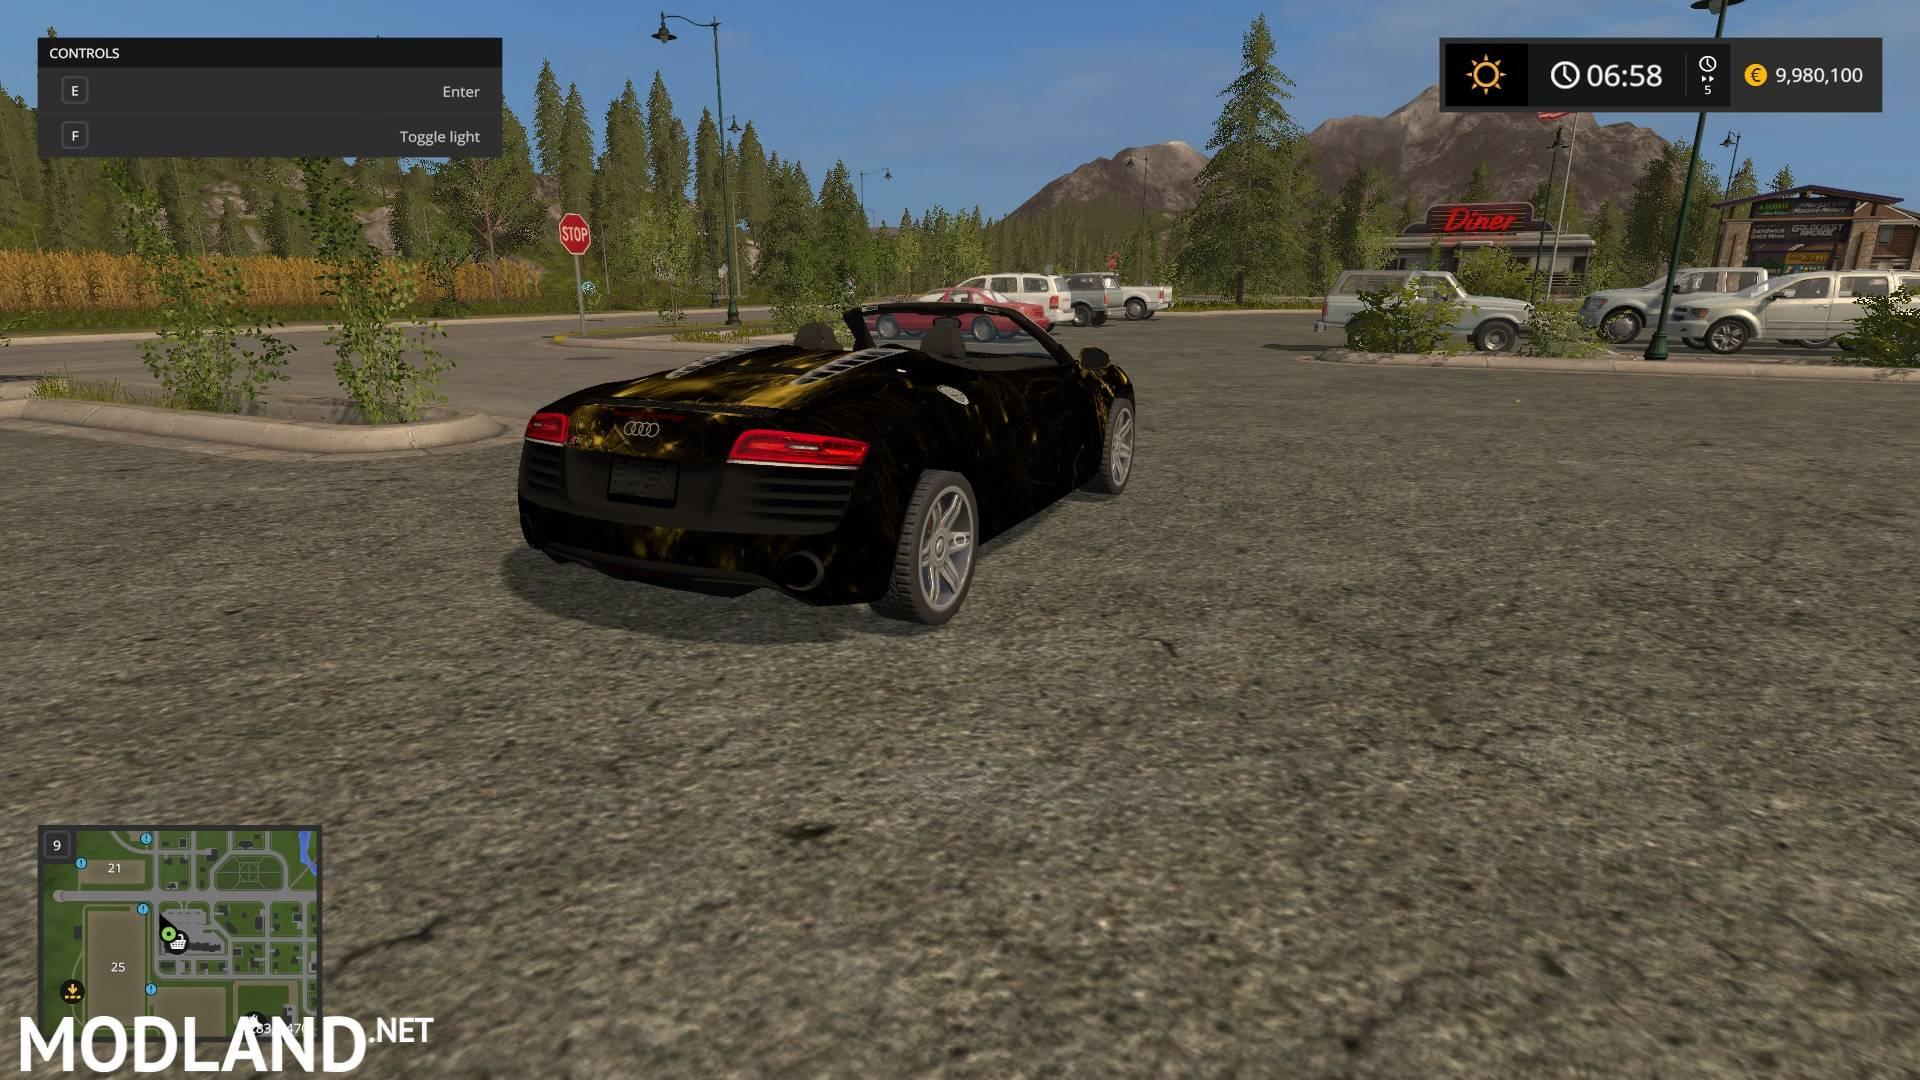 Farmingsimulator Game Modlandnet on Audi R8 V1 0